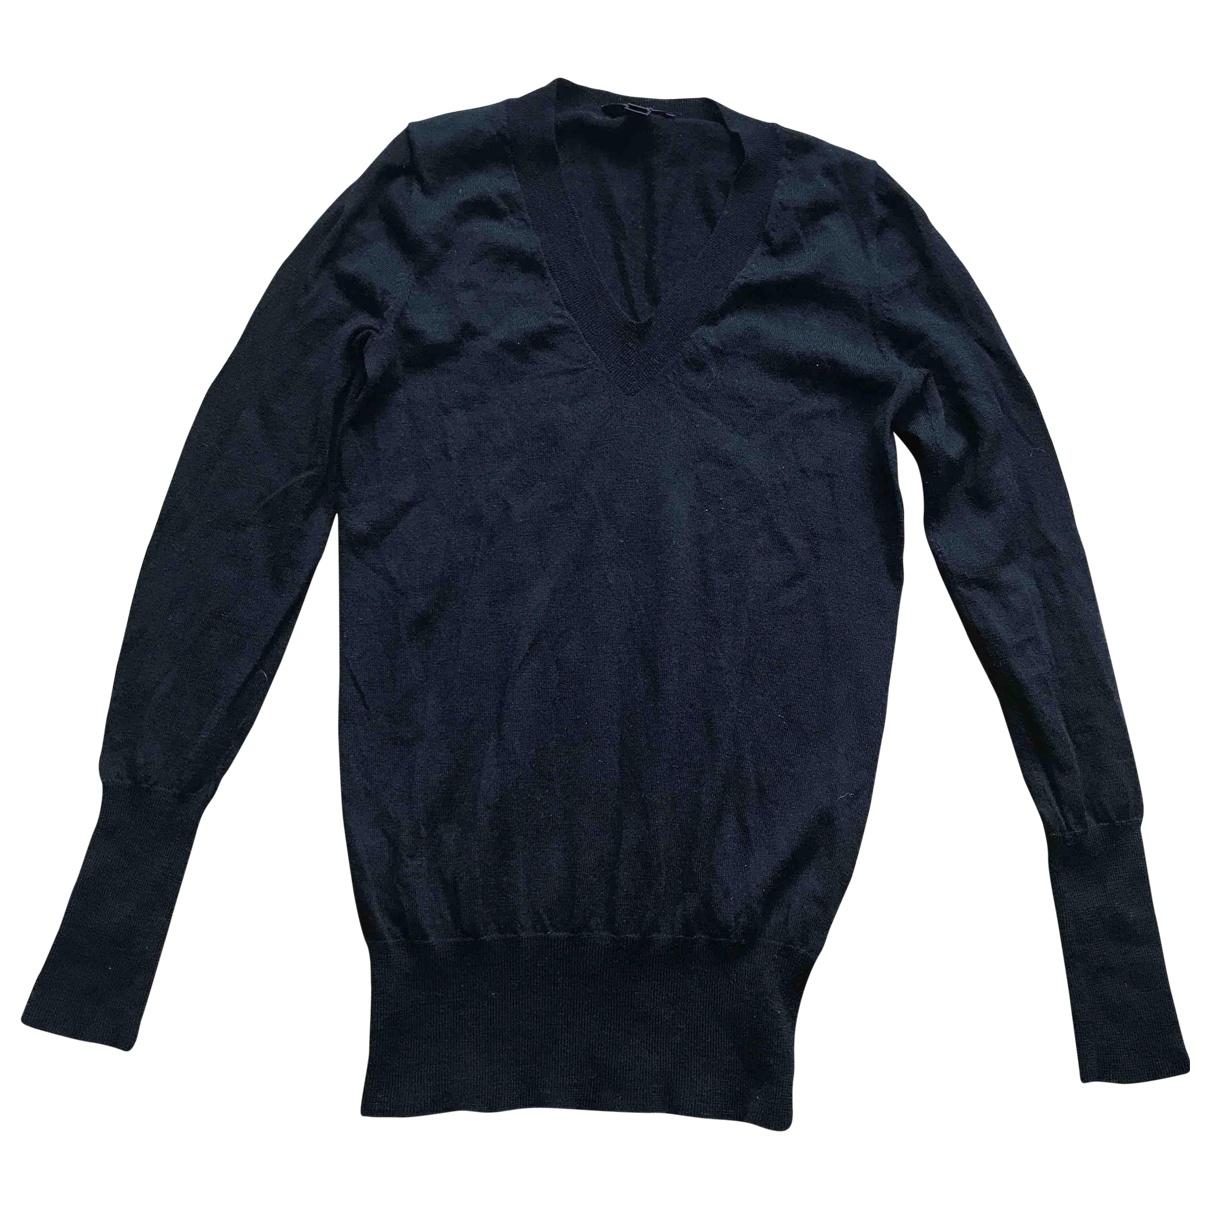 J.crew \N Black Wool Knitwear for Women XS International